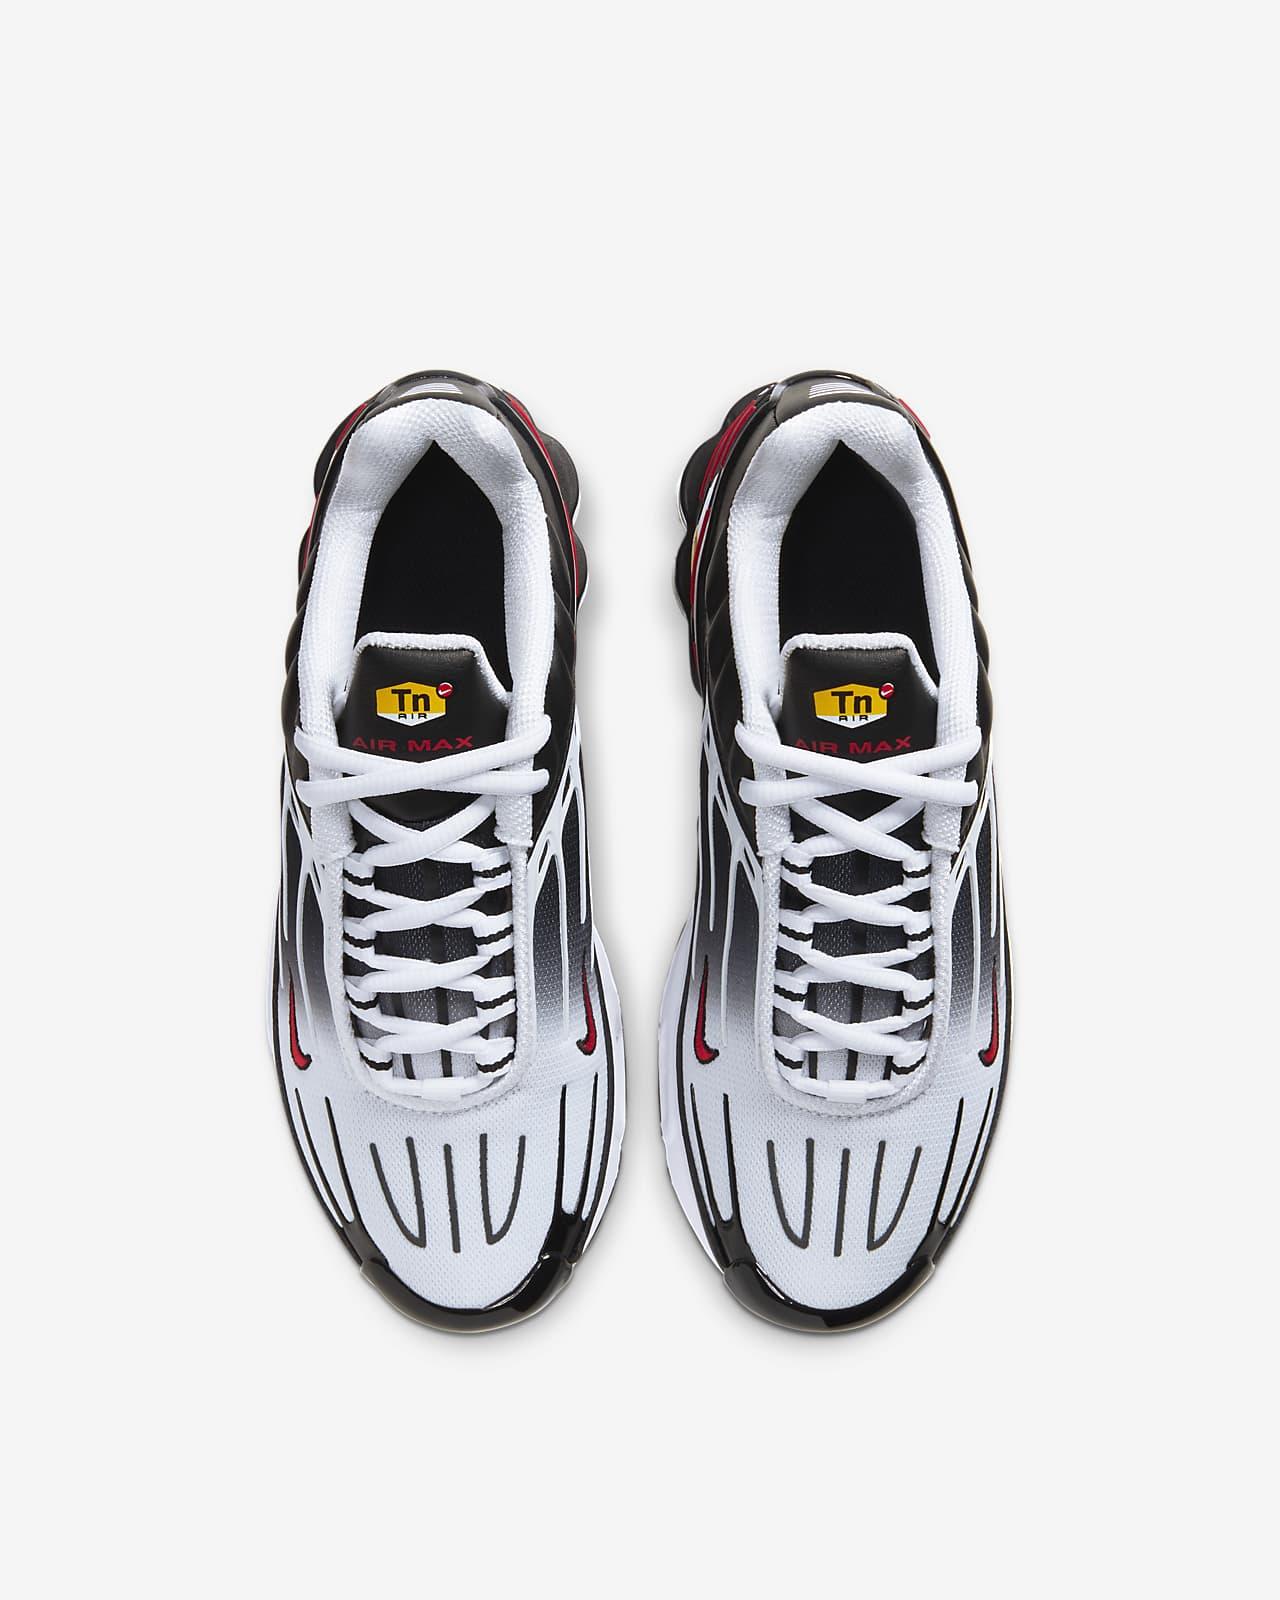 Soldes > chaussure nike air max plus 3 pour enfant plus âgé > en stock